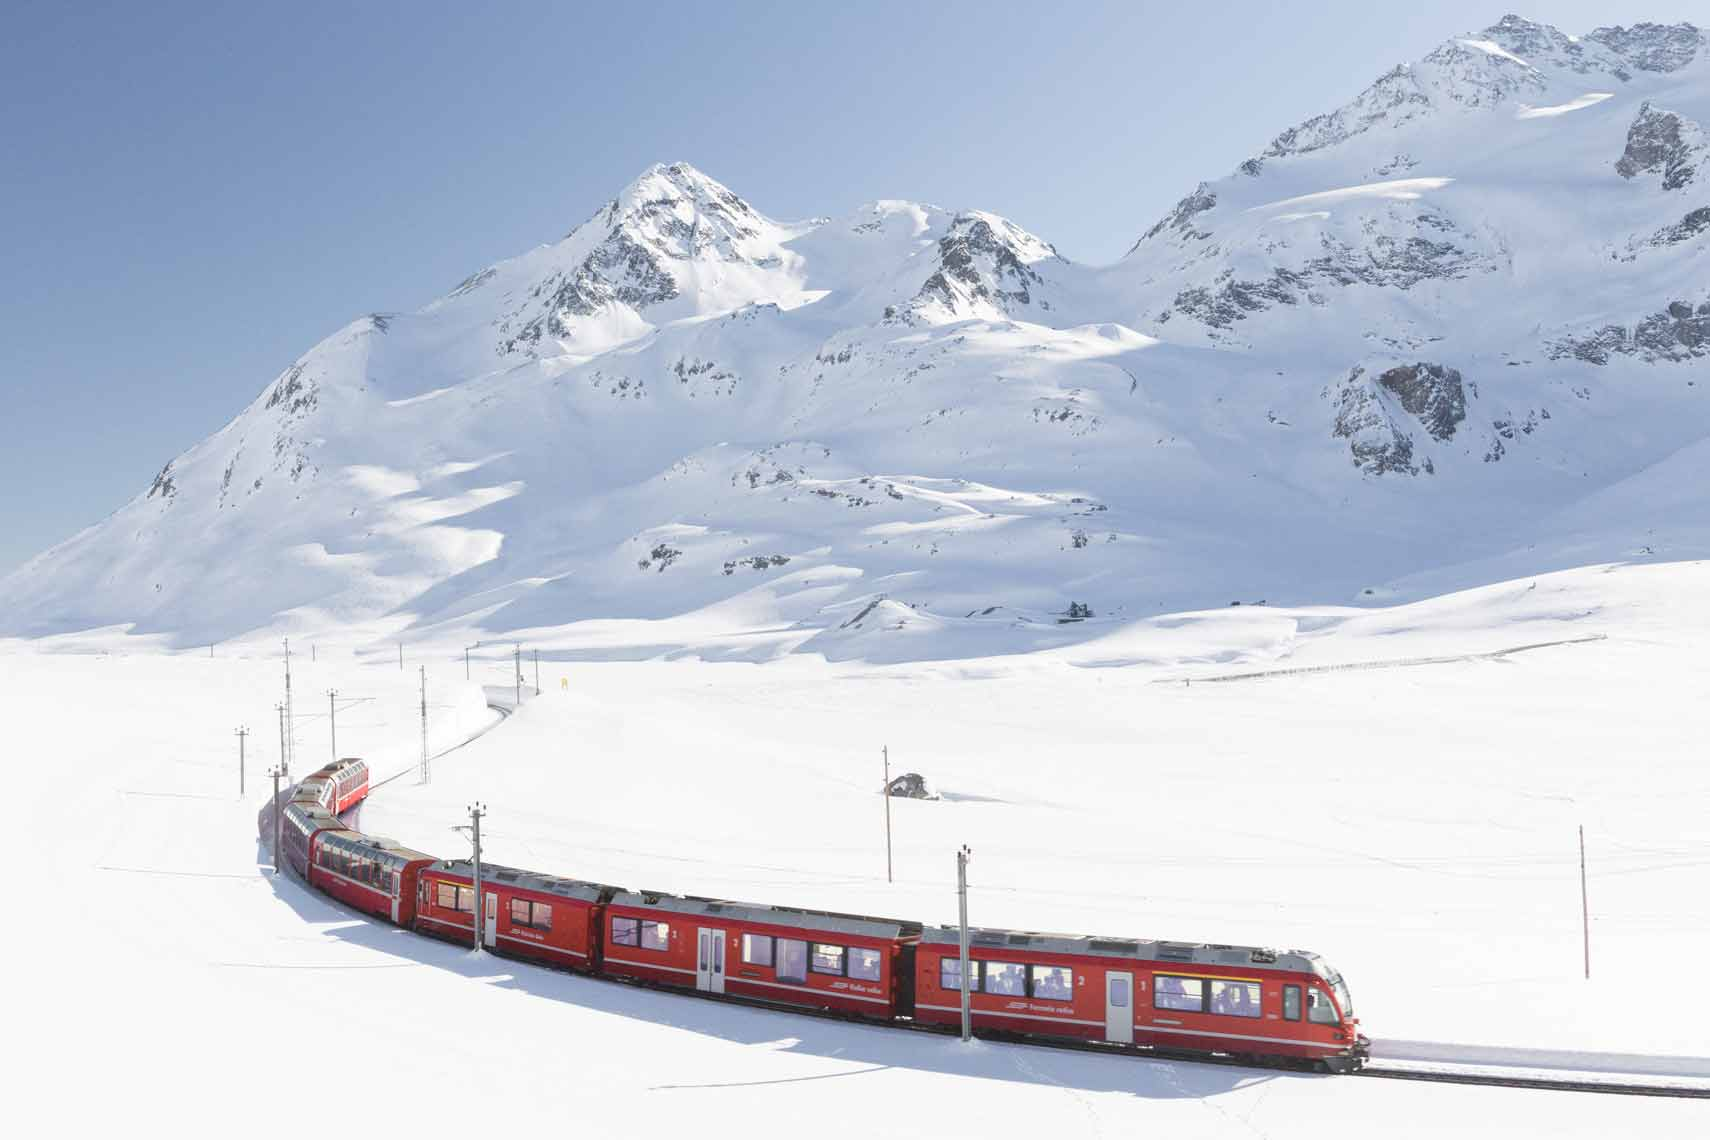 Zugreise durchs Schweizer Wintermärchen mit dem Glacier Express nach Zermatt